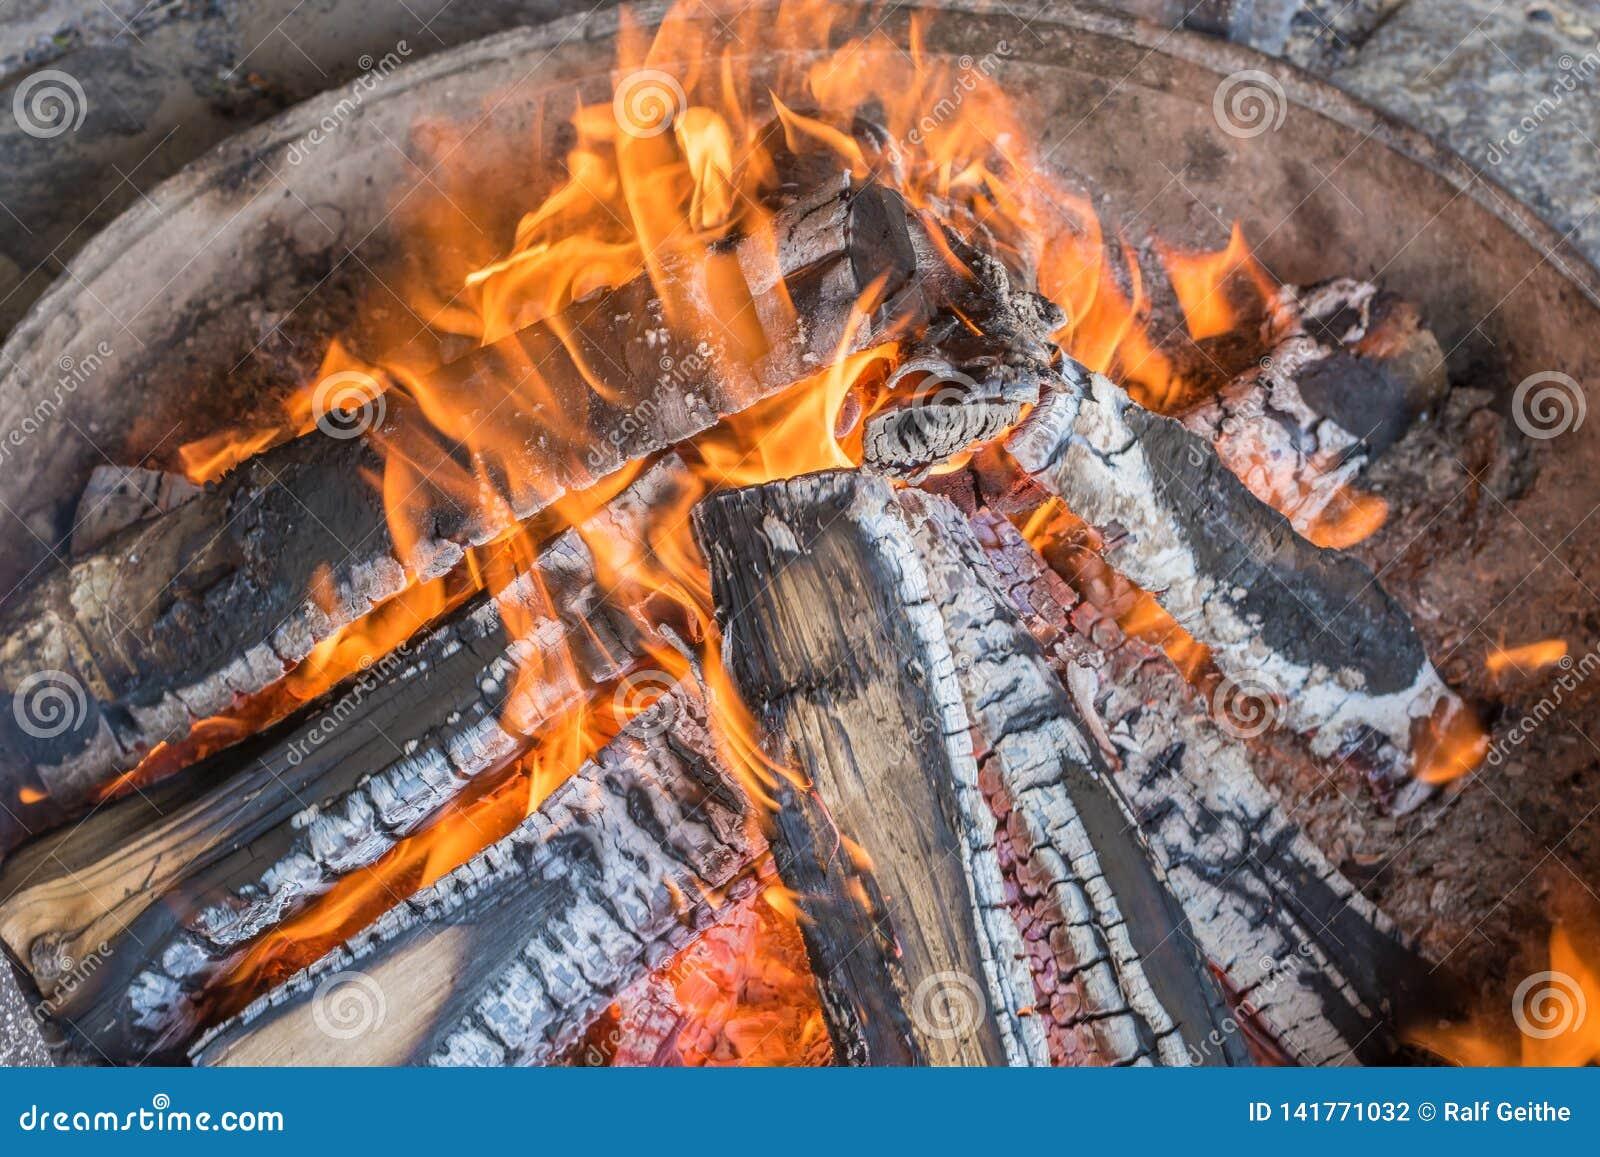 Romantisches Lagerfeuer in einer Feuerschüssel